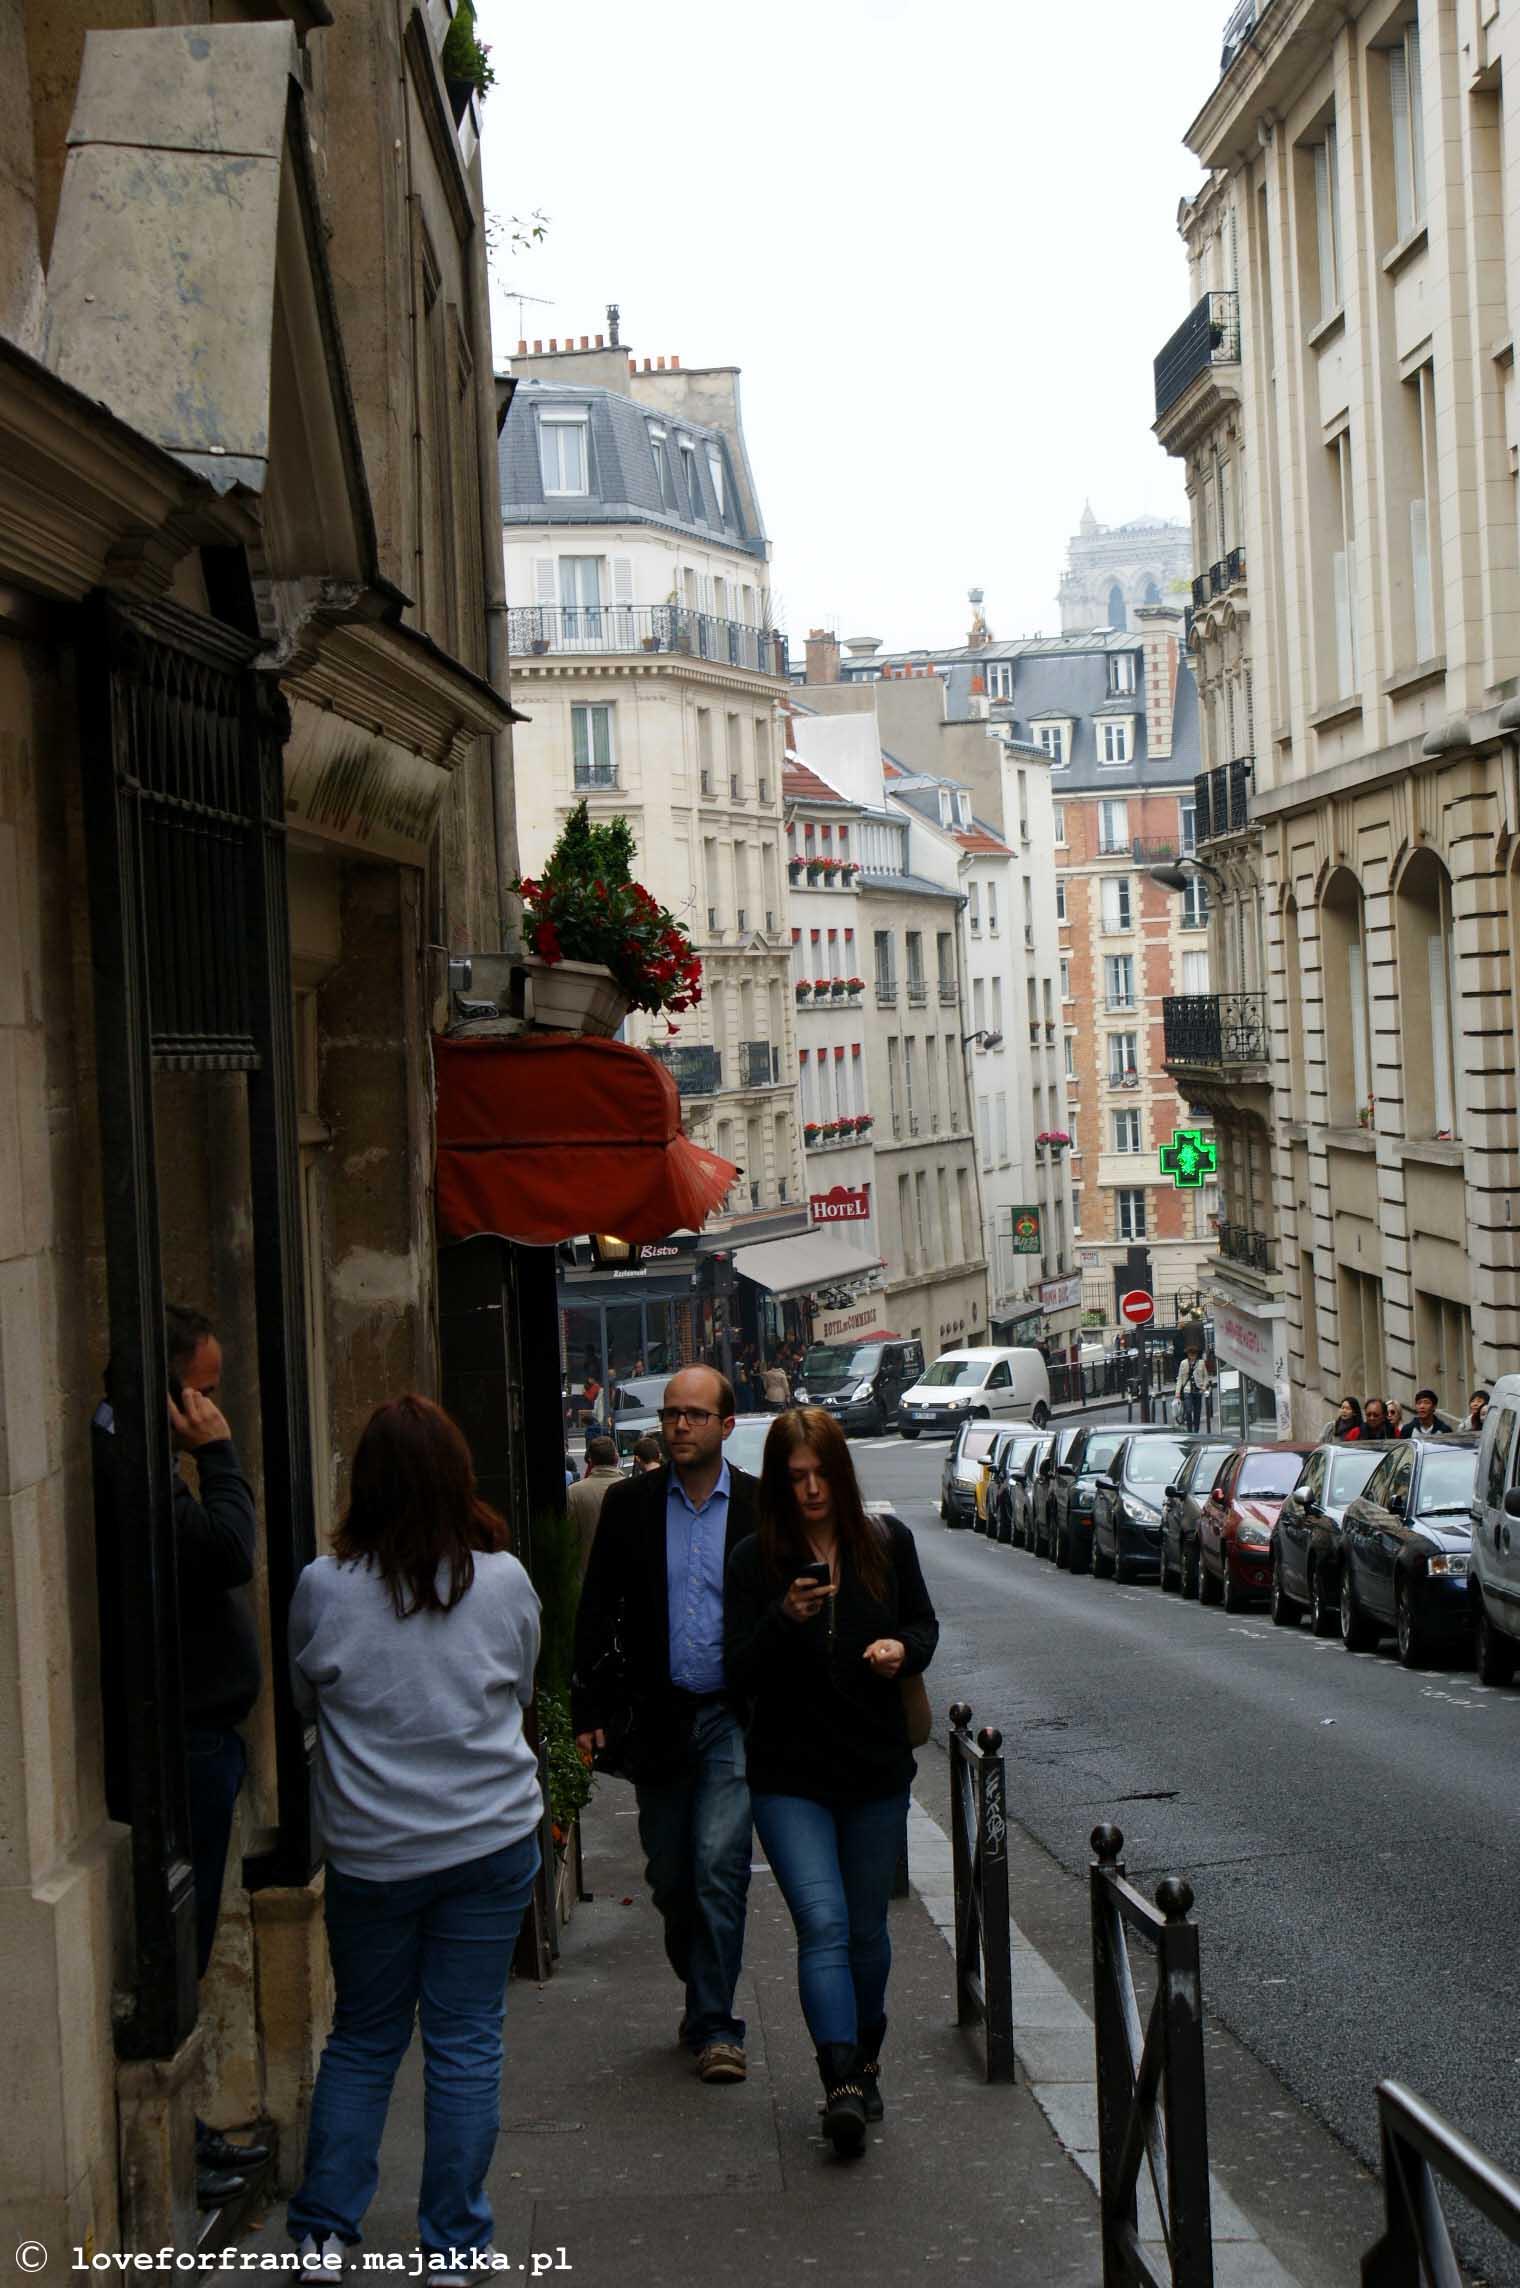 Co zwiedzać w Paryżu